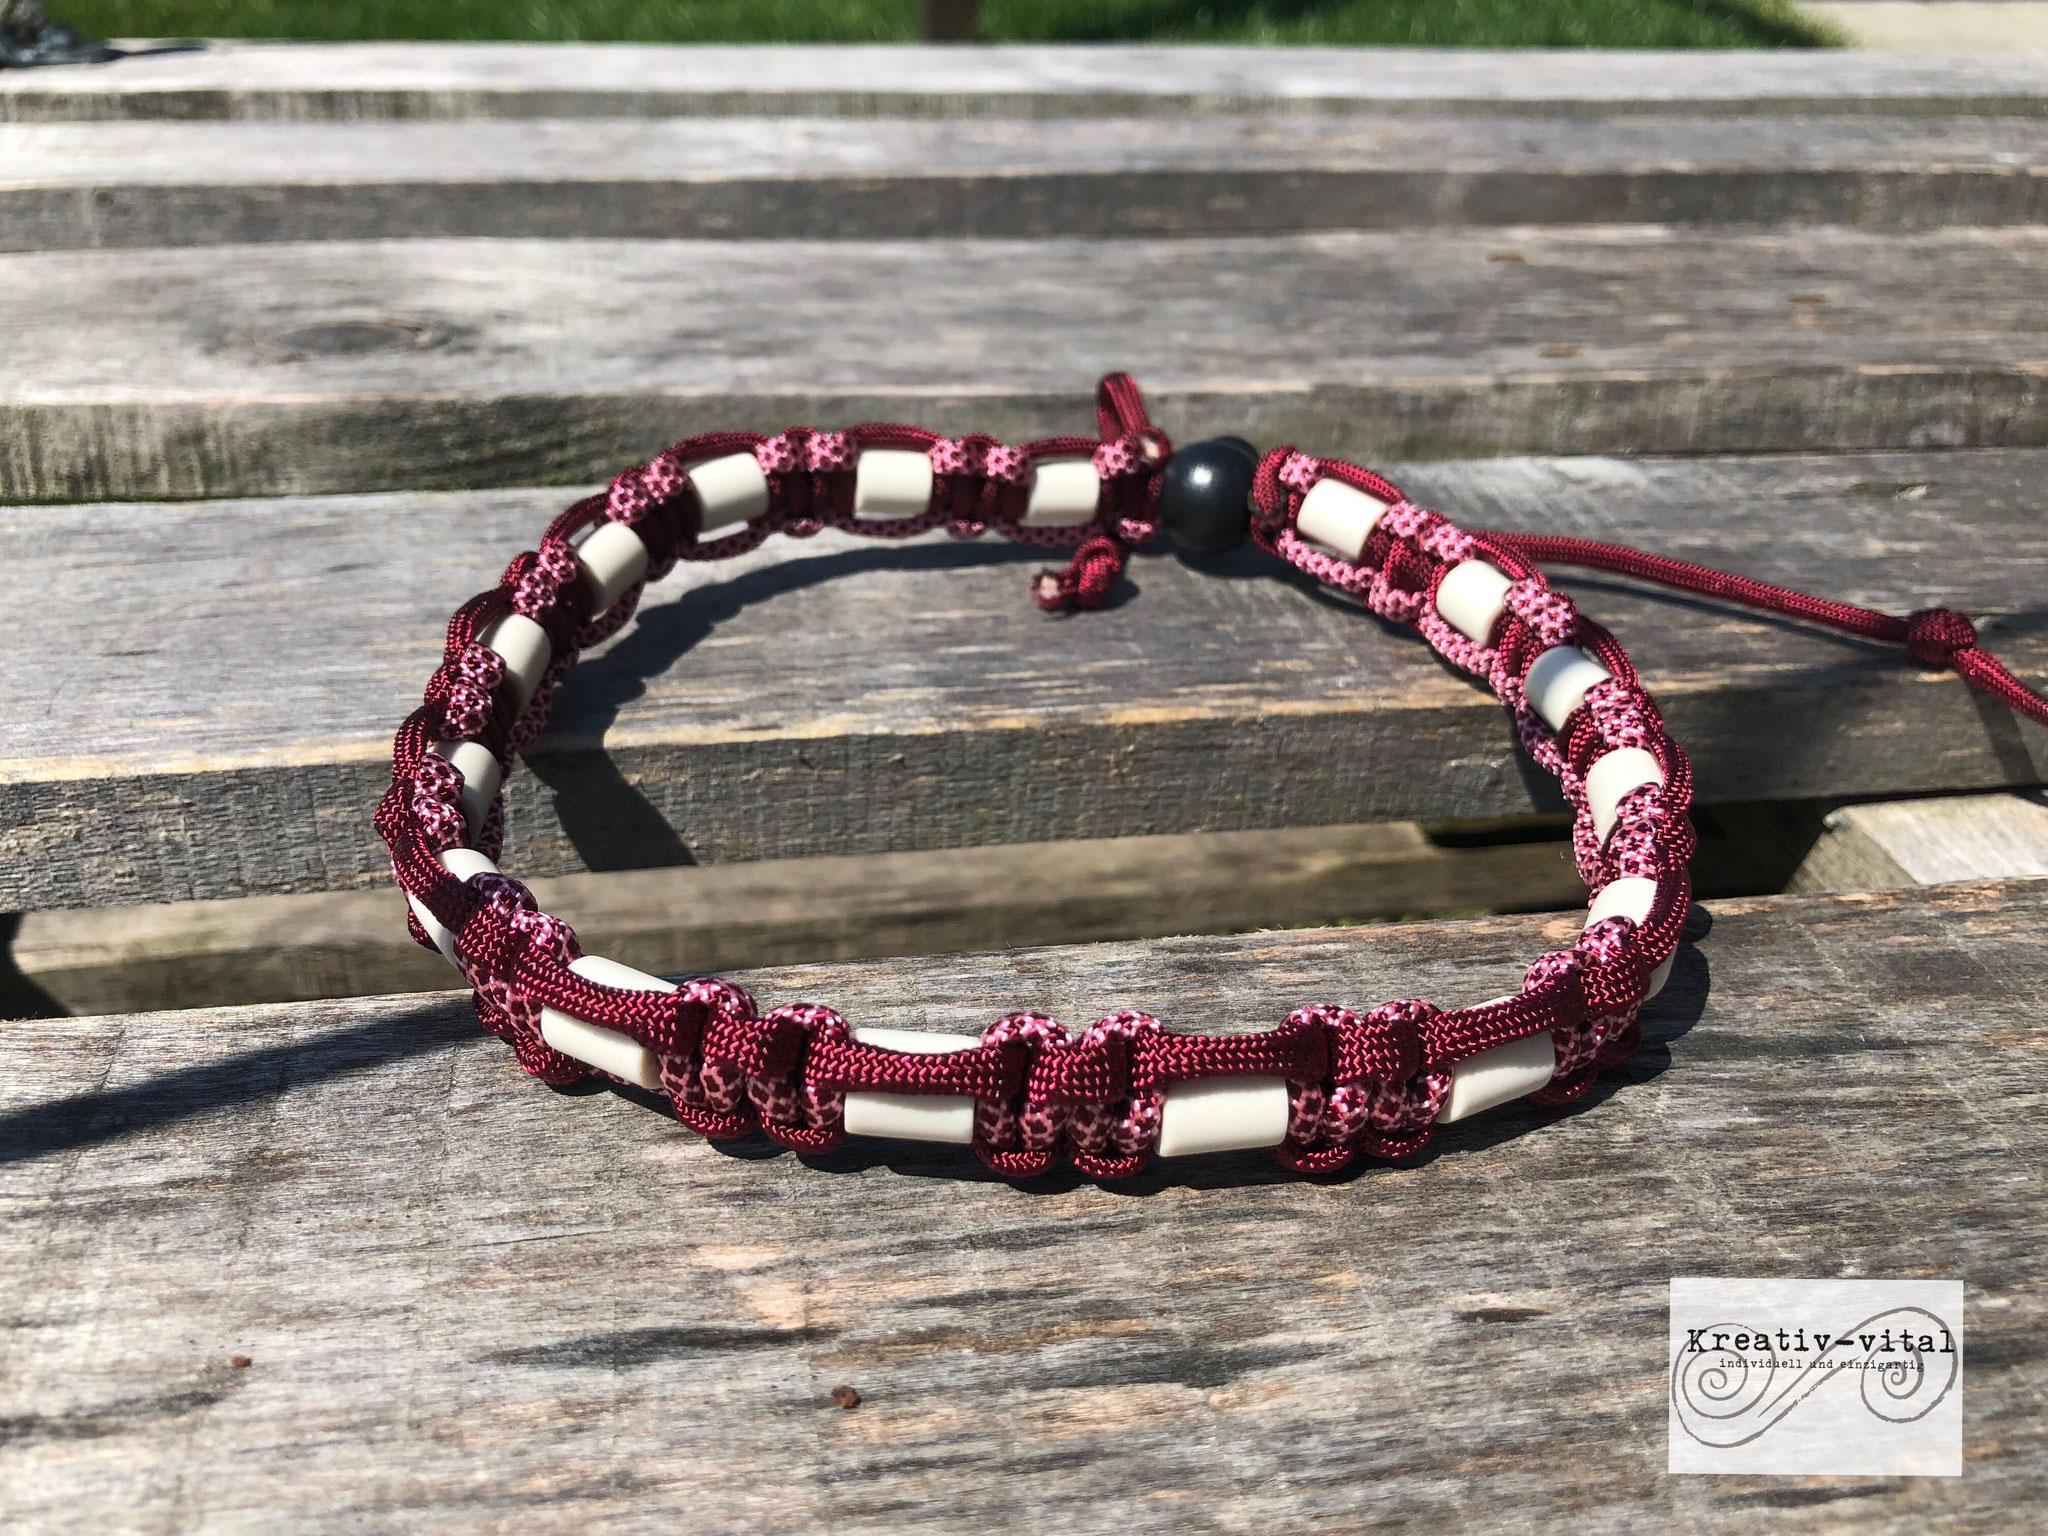 EM Keramik Halsband für Hund/Katze 46-50cm Halsumfang burgundy/rose-pink burgundy